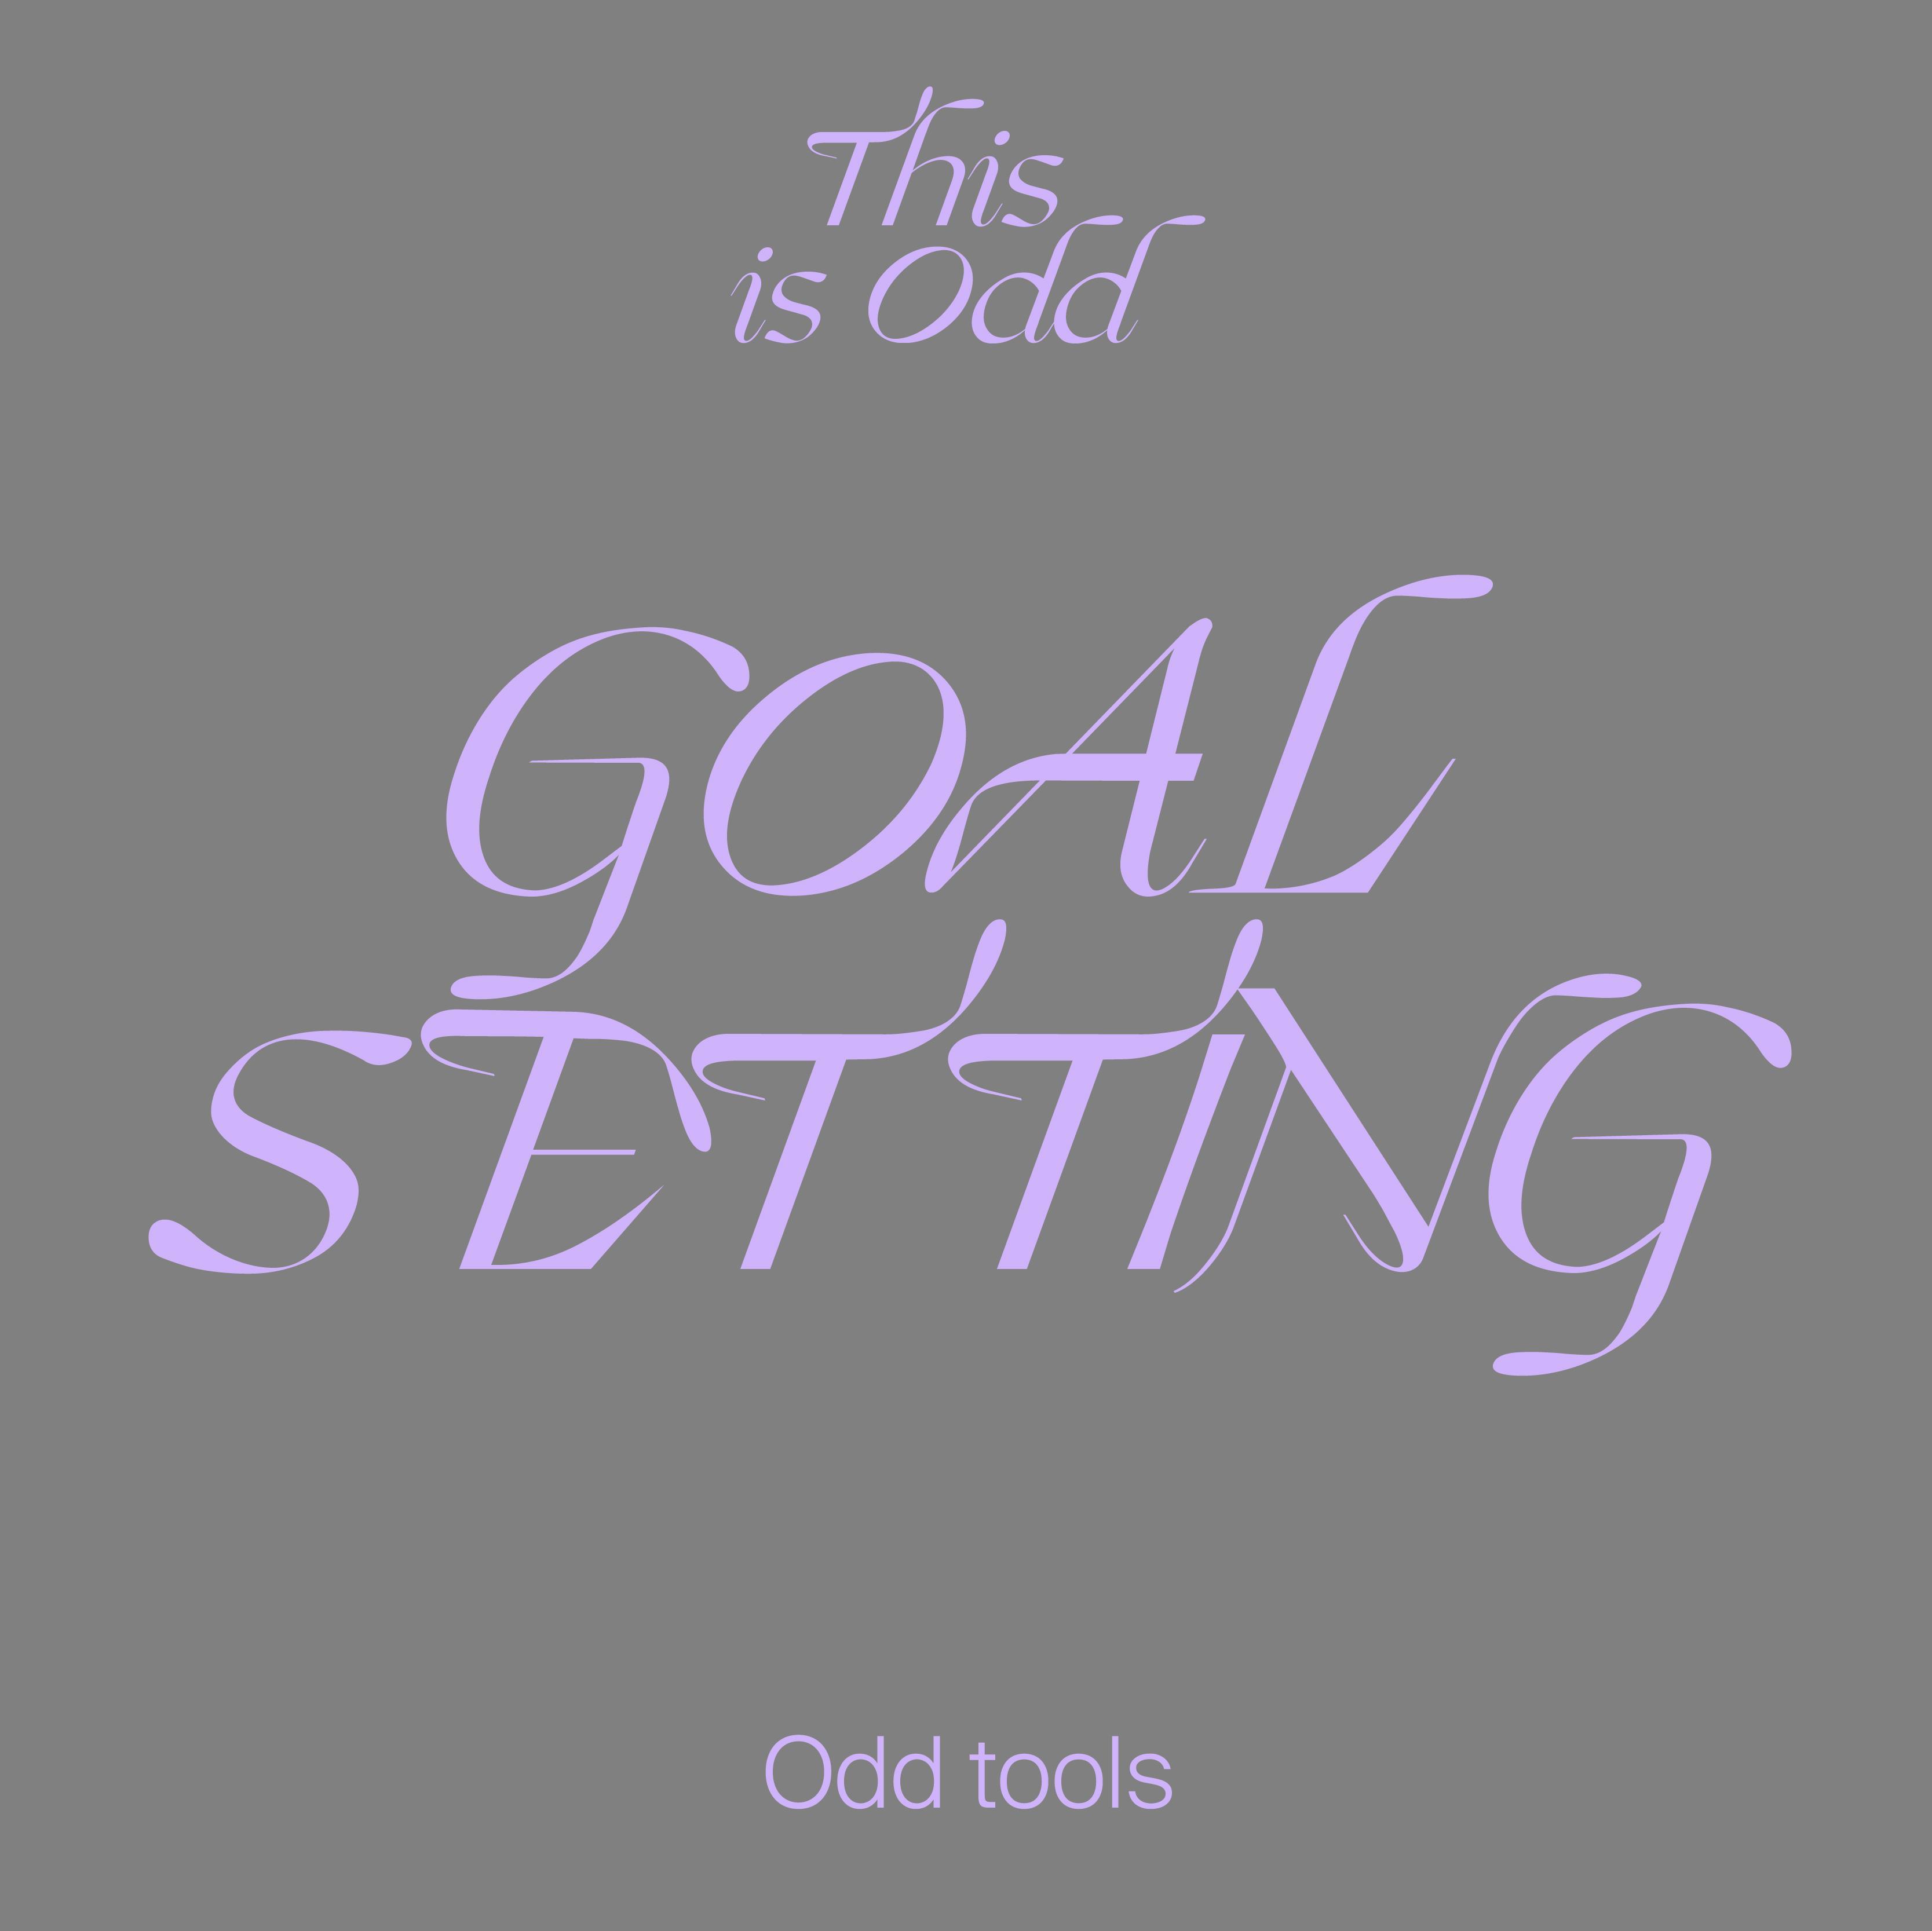 13 tools_goal setting-33